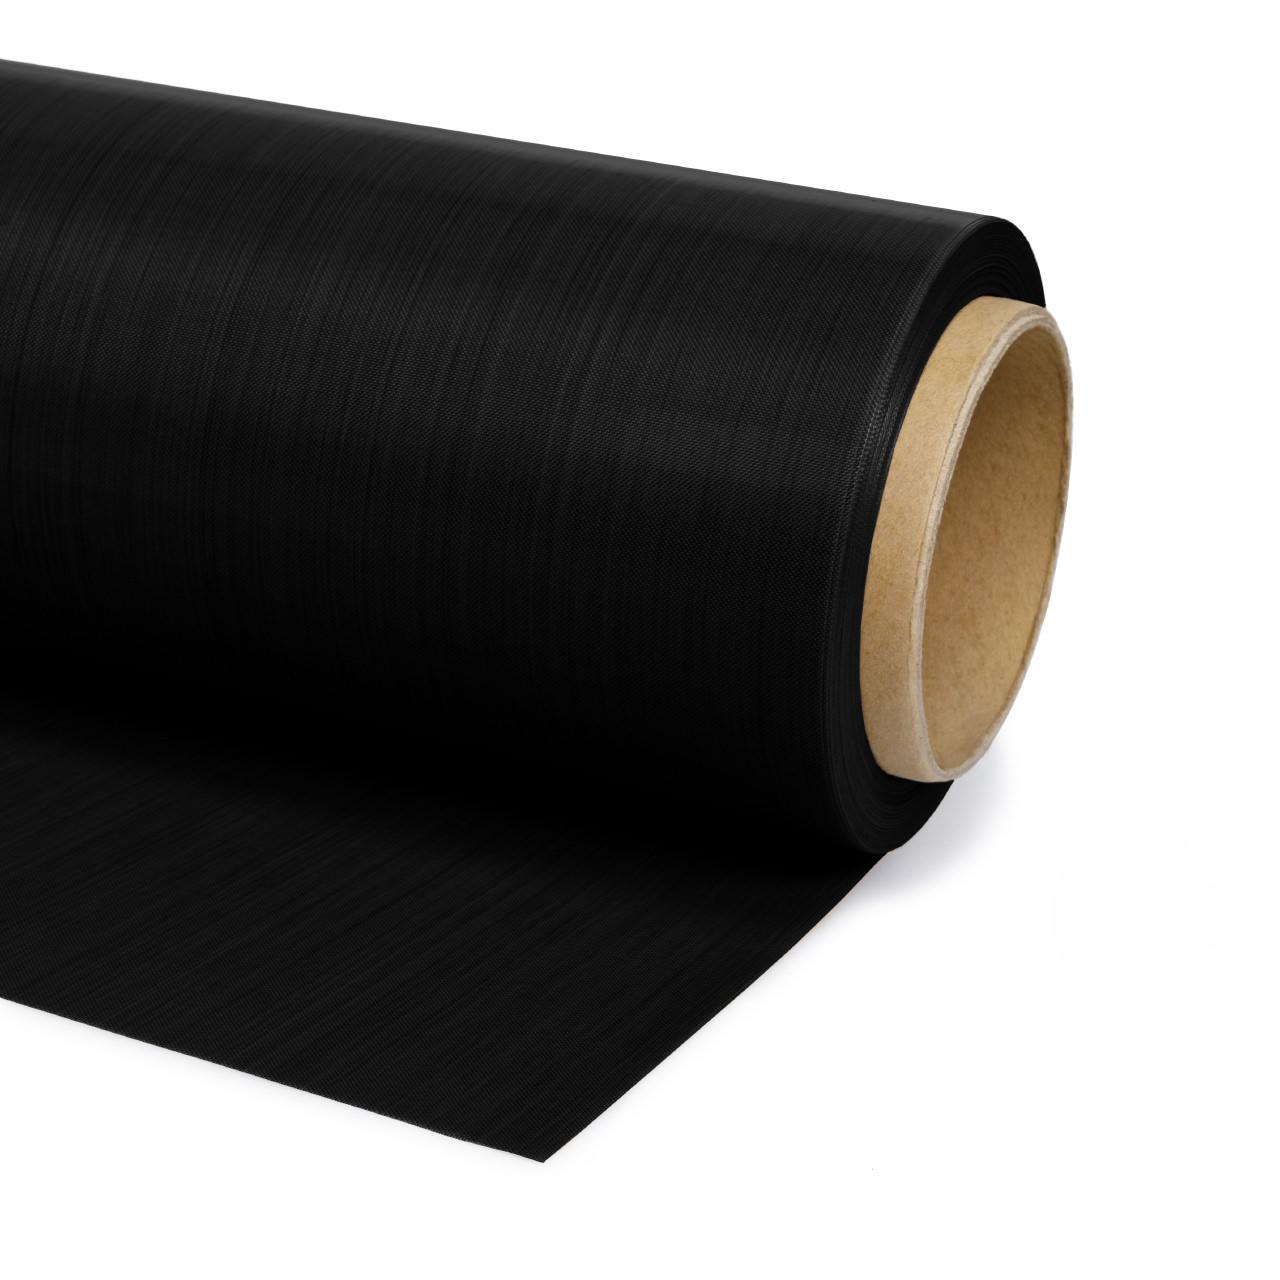 Тефлоновая лента толщина 0.14 мм с антистатиком